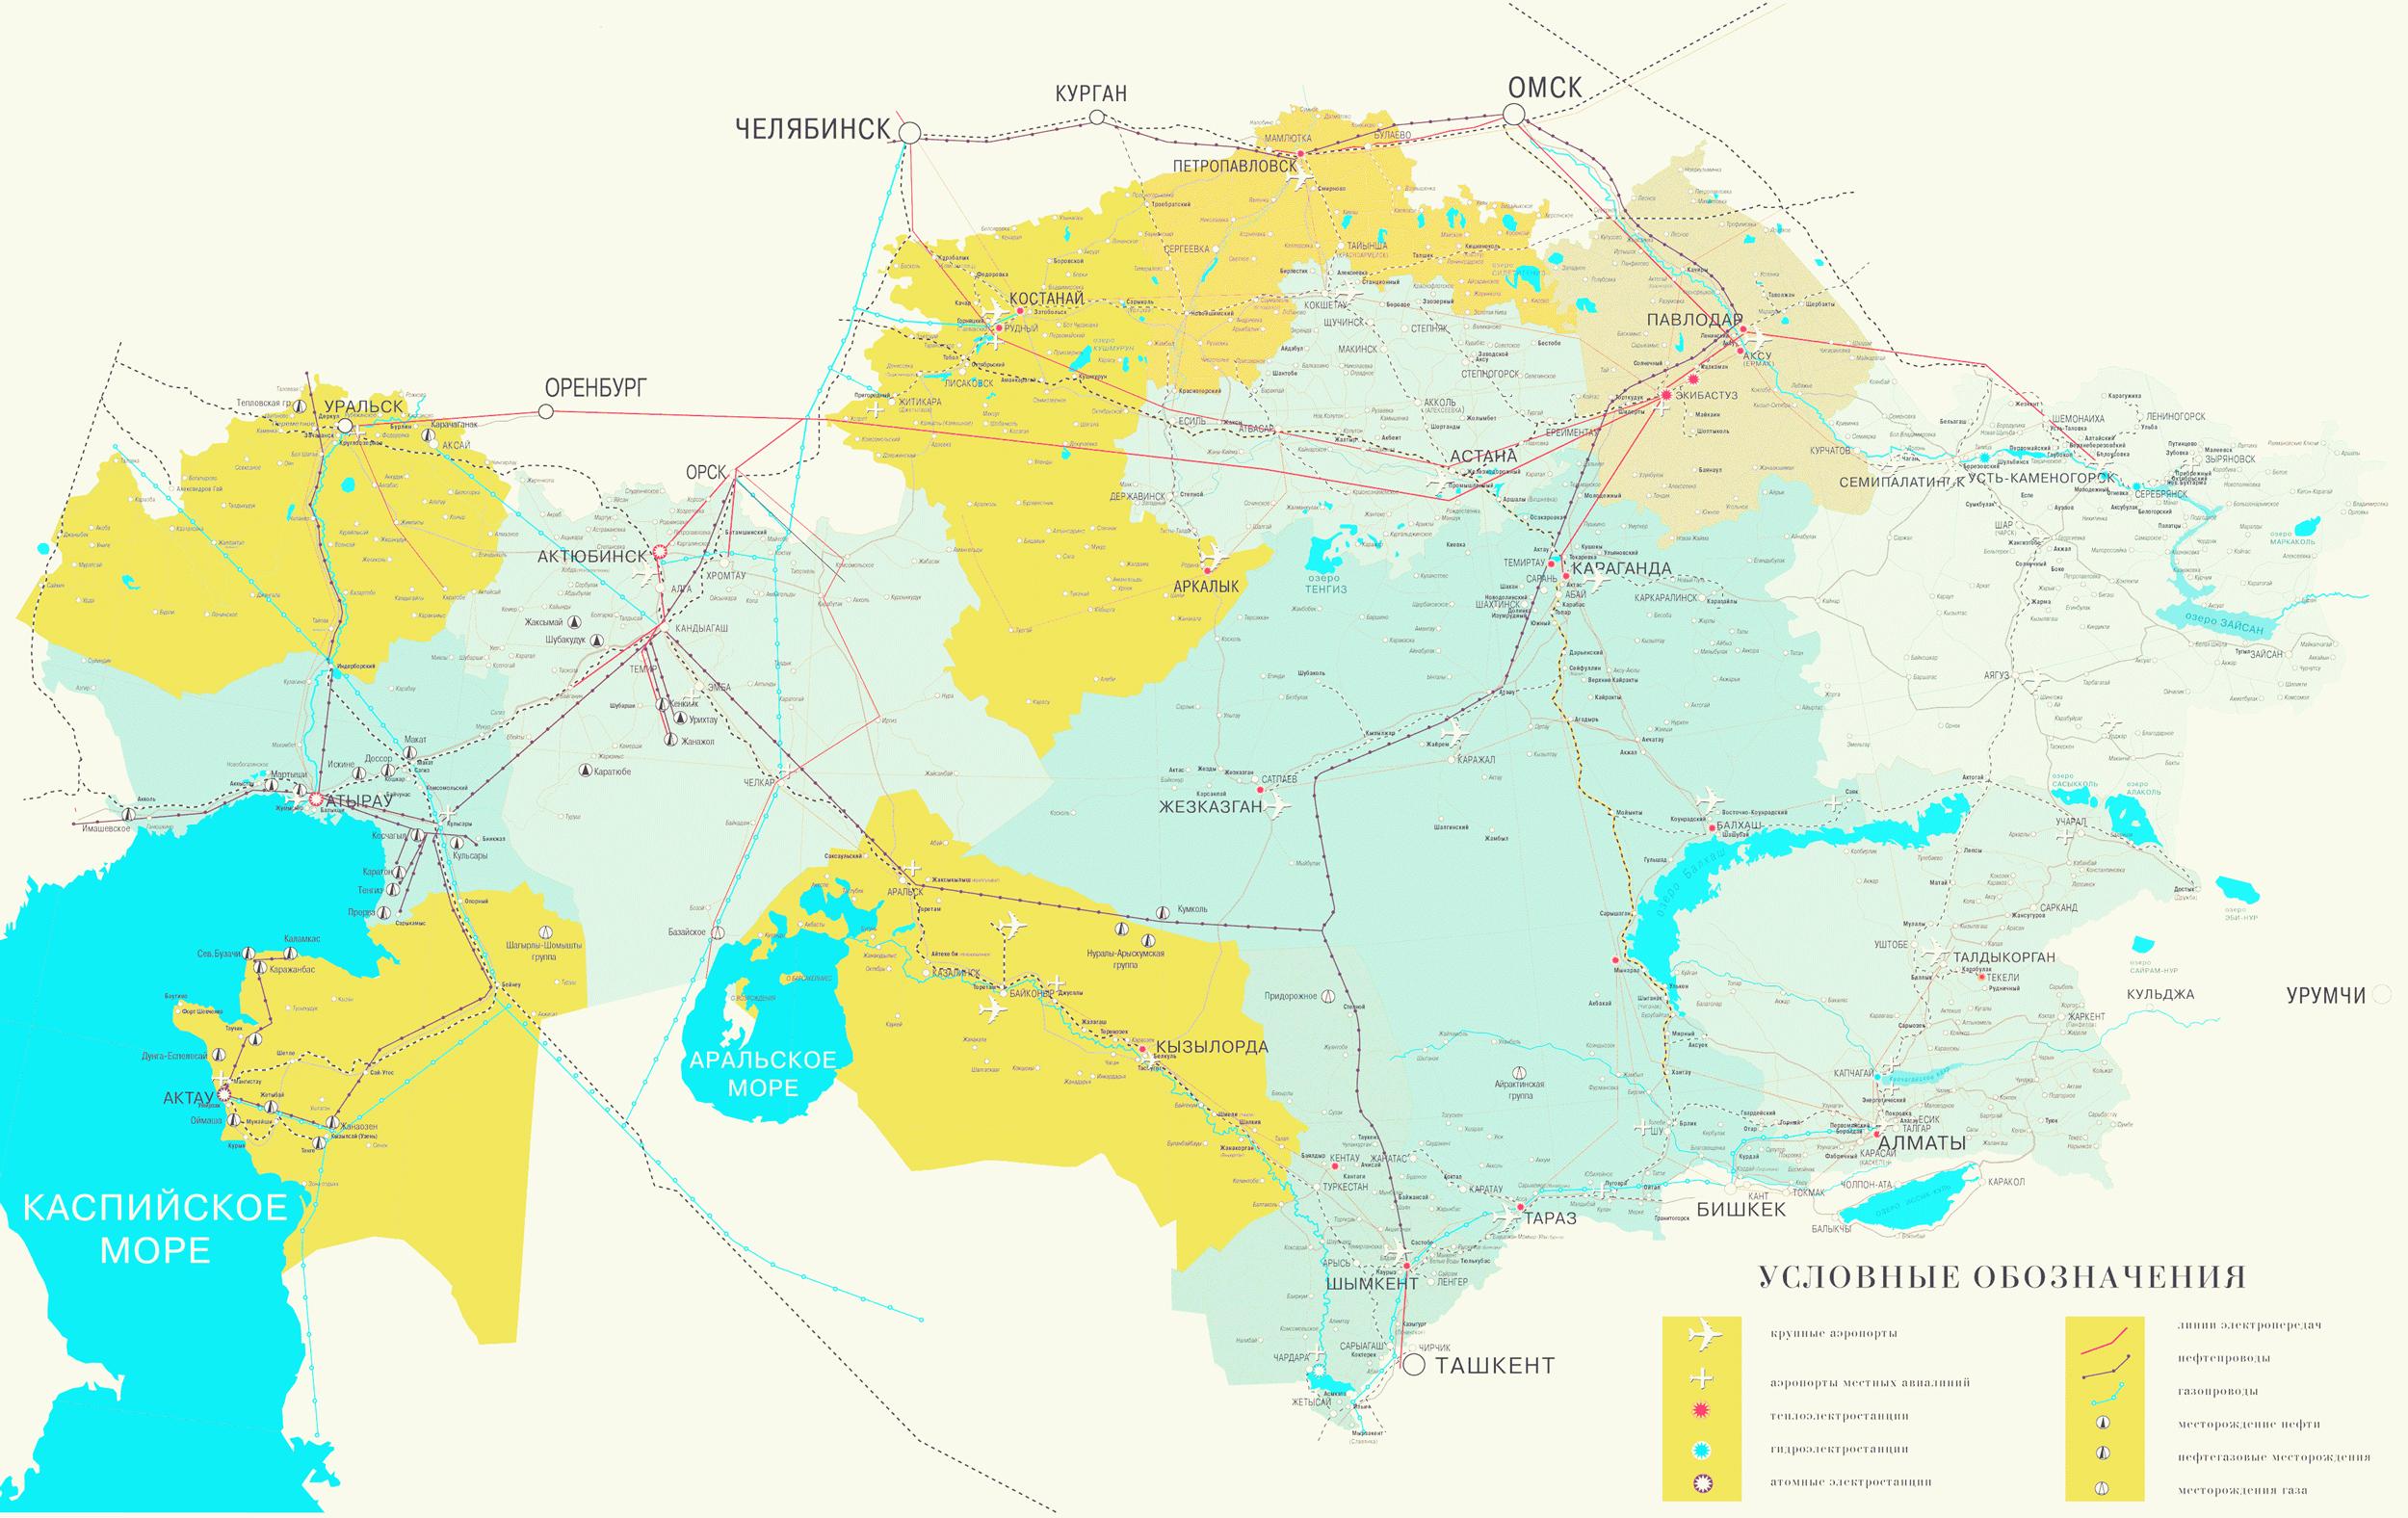 Карта Казахстана с городами и областями